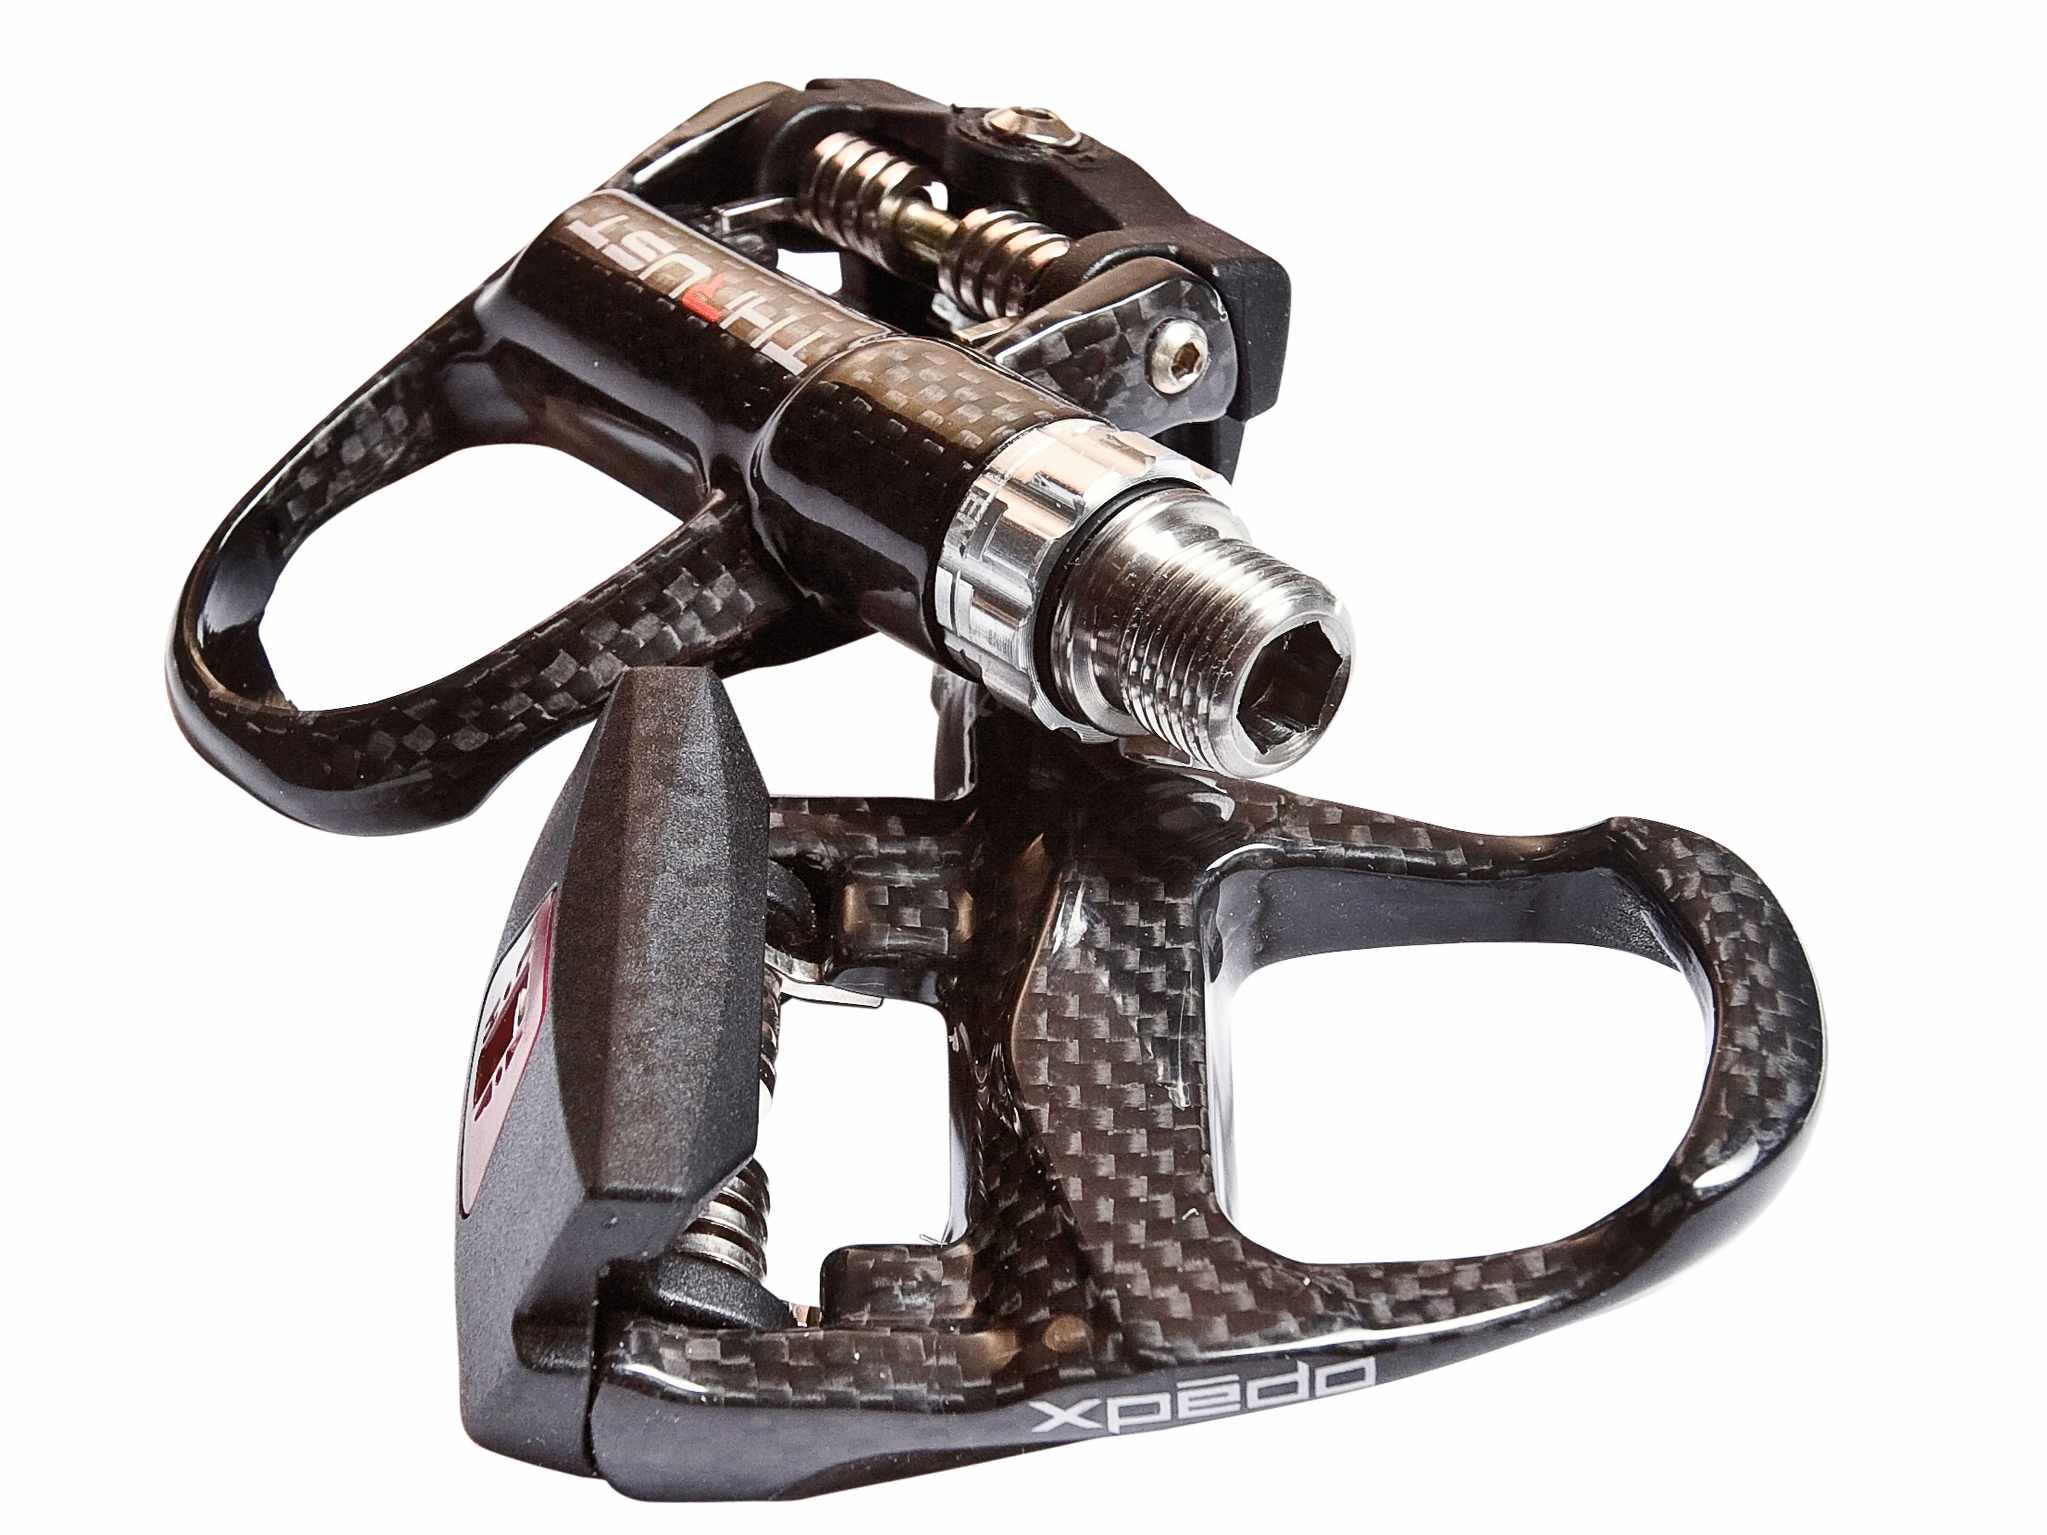 Xpedo Thrust C pedals